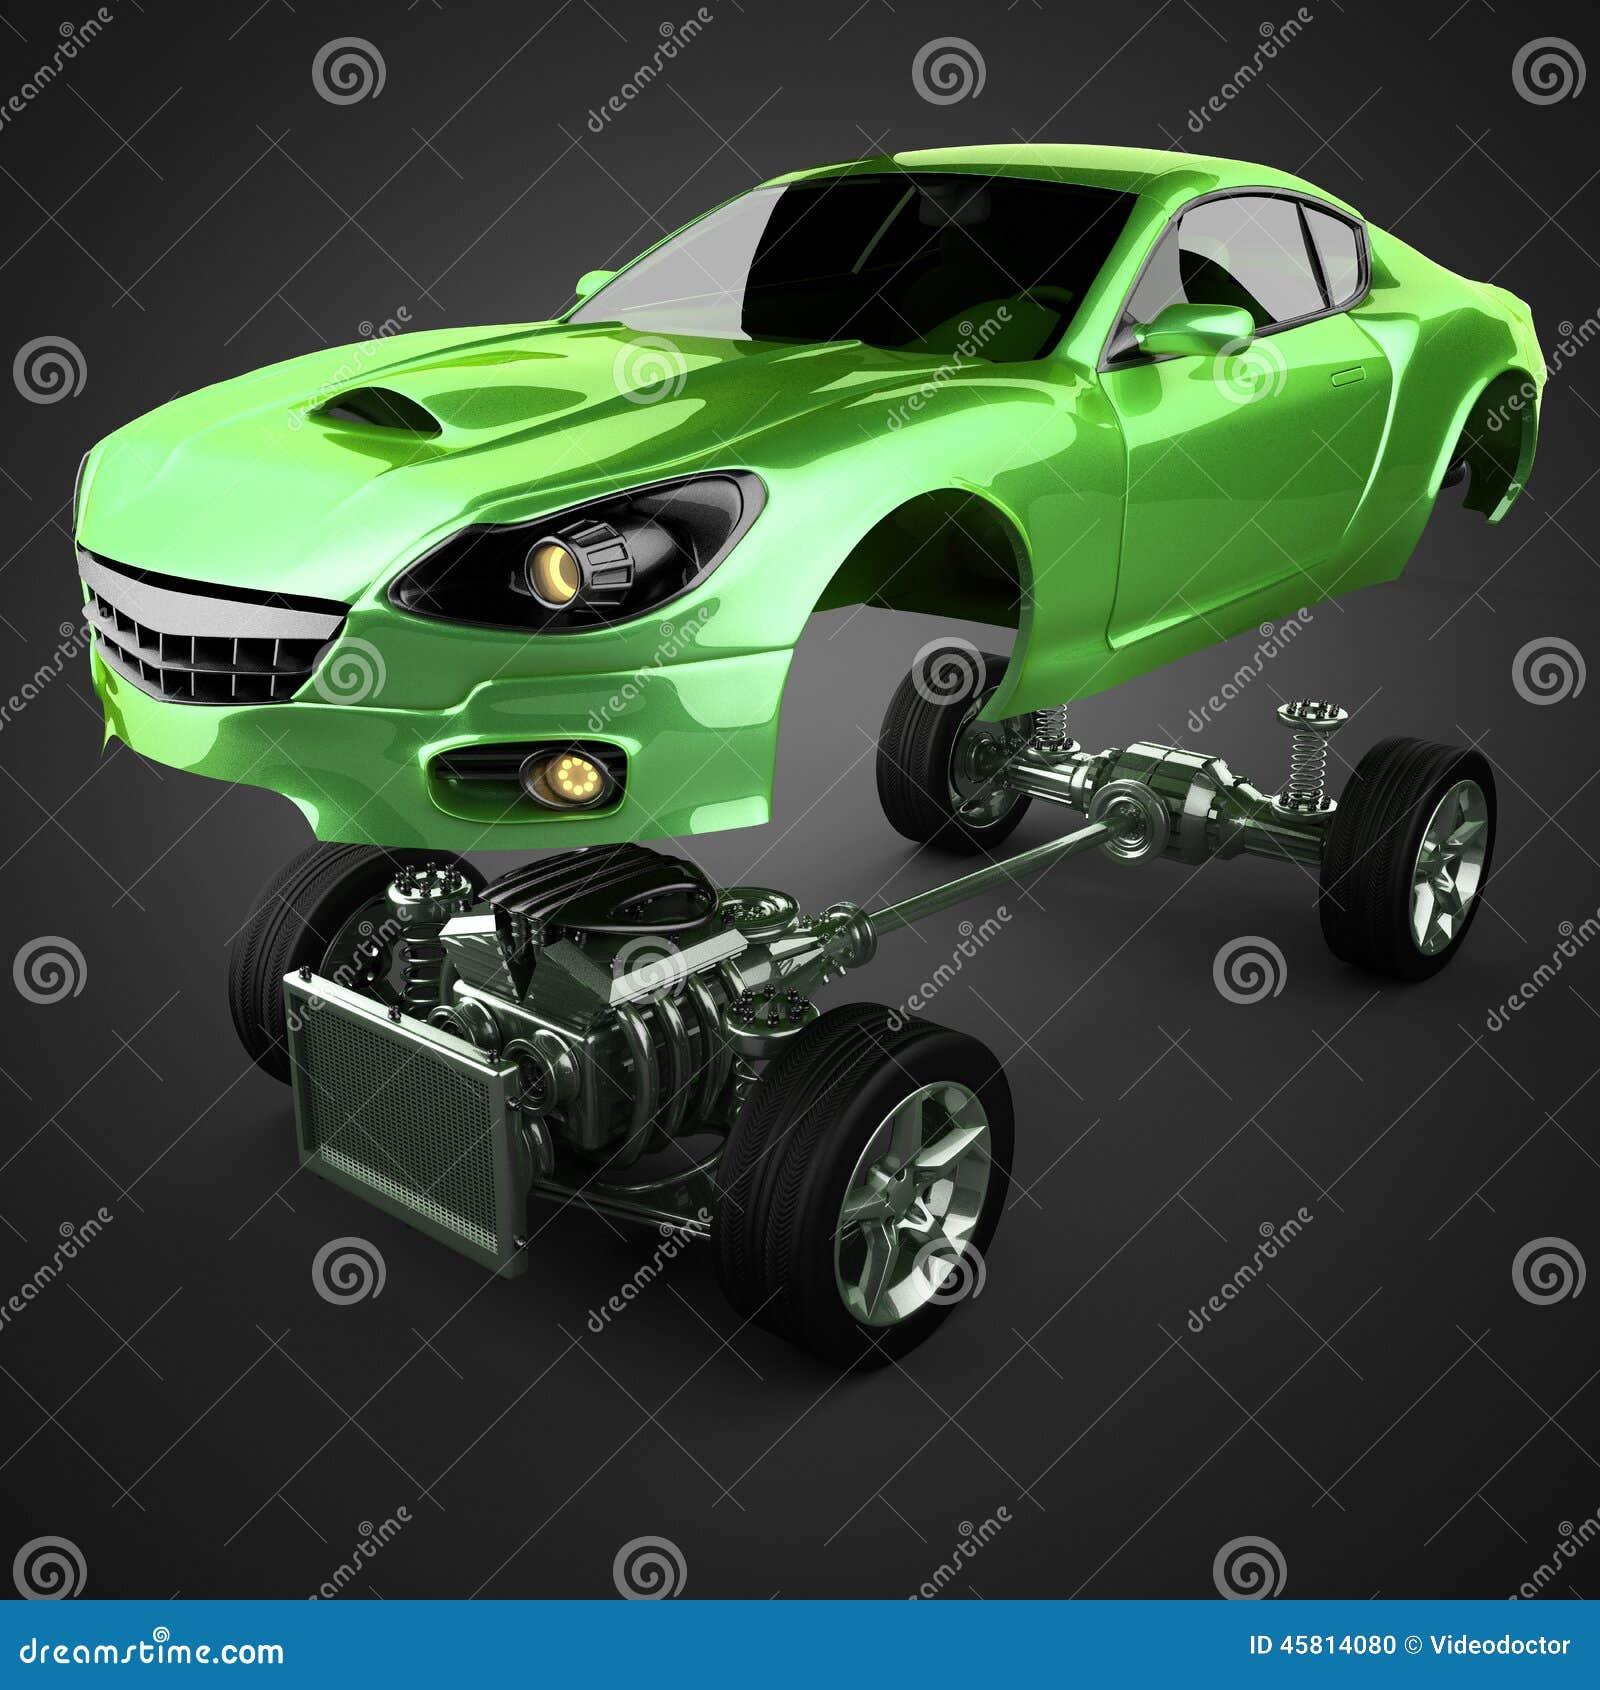 Chasis del coche con el motor de sportcar brandless de lujo